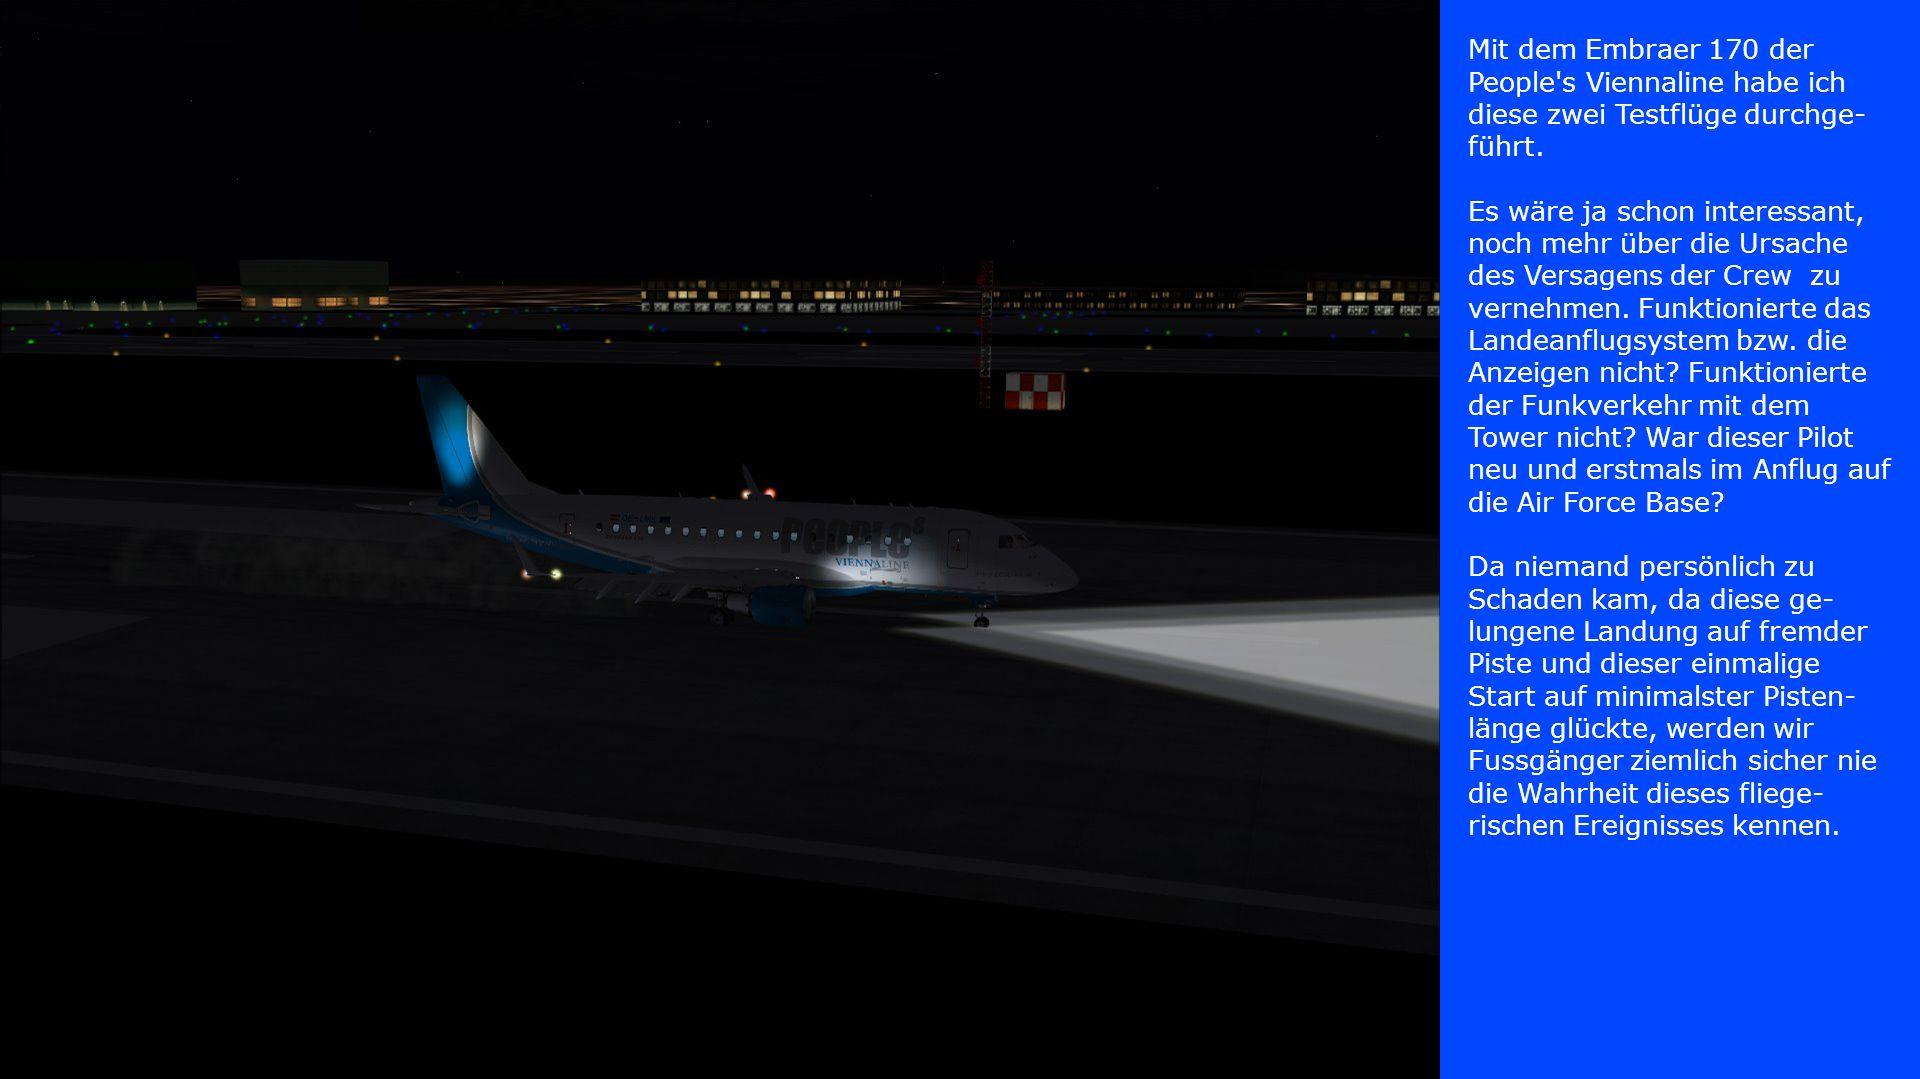 Mit dem Embraer 170 der People's Viennaline habe ich diese zwei Testflüge durchge- führt. Es wäre ja schon interessant, noch mehr über die Ursache des